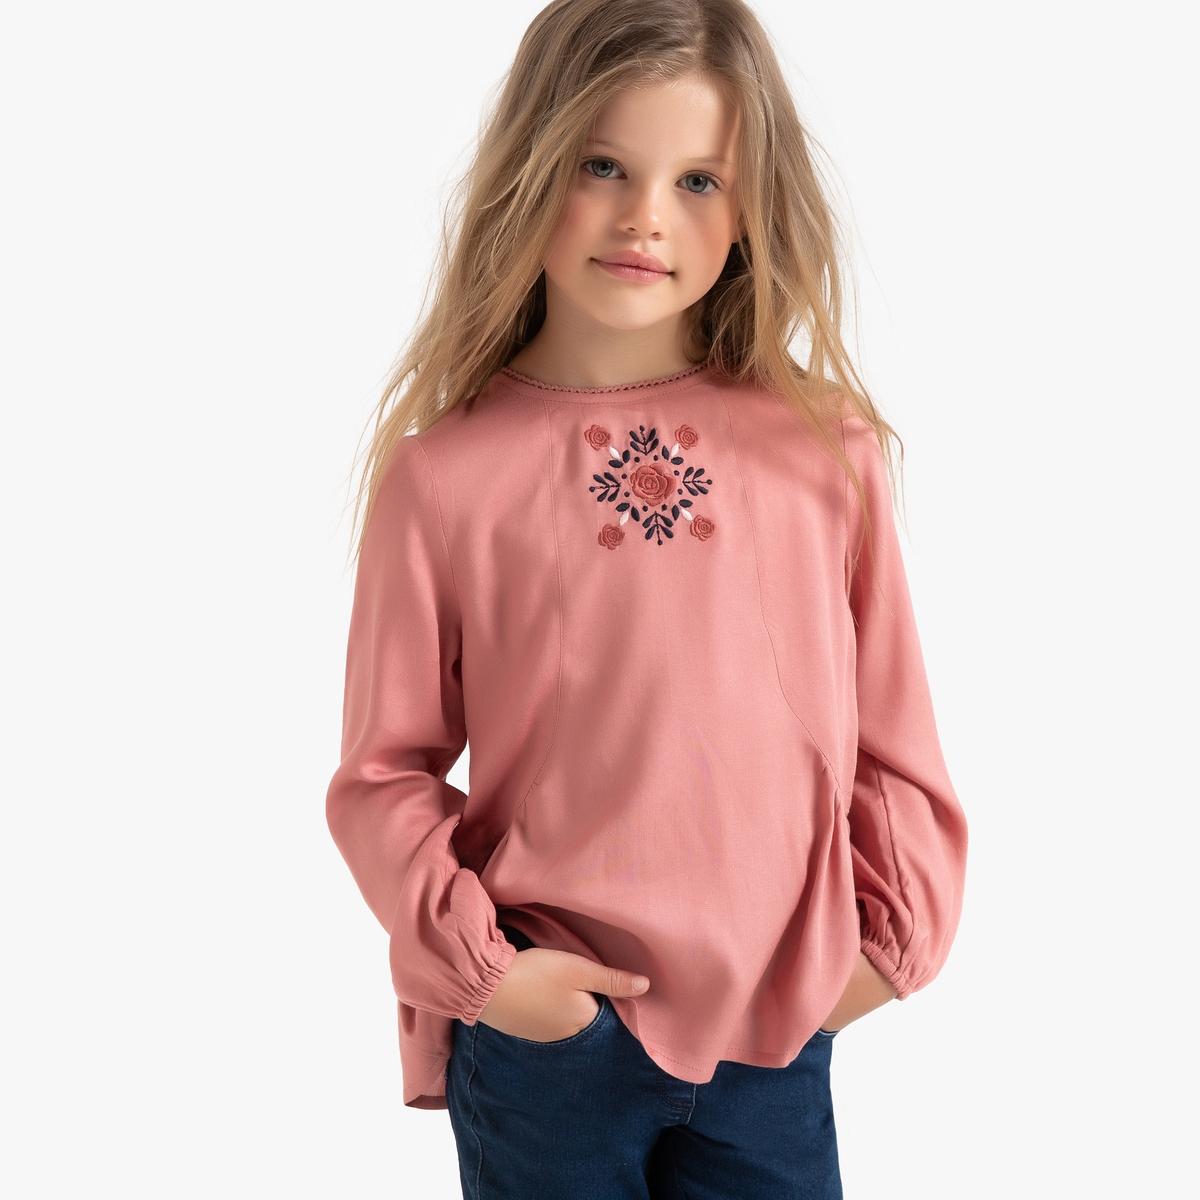 Блузка La Redoute С длинными рукавами с вышивкой 3 года - 94 см розовый комбинезон с длинными рукавами 0 мес 3 года